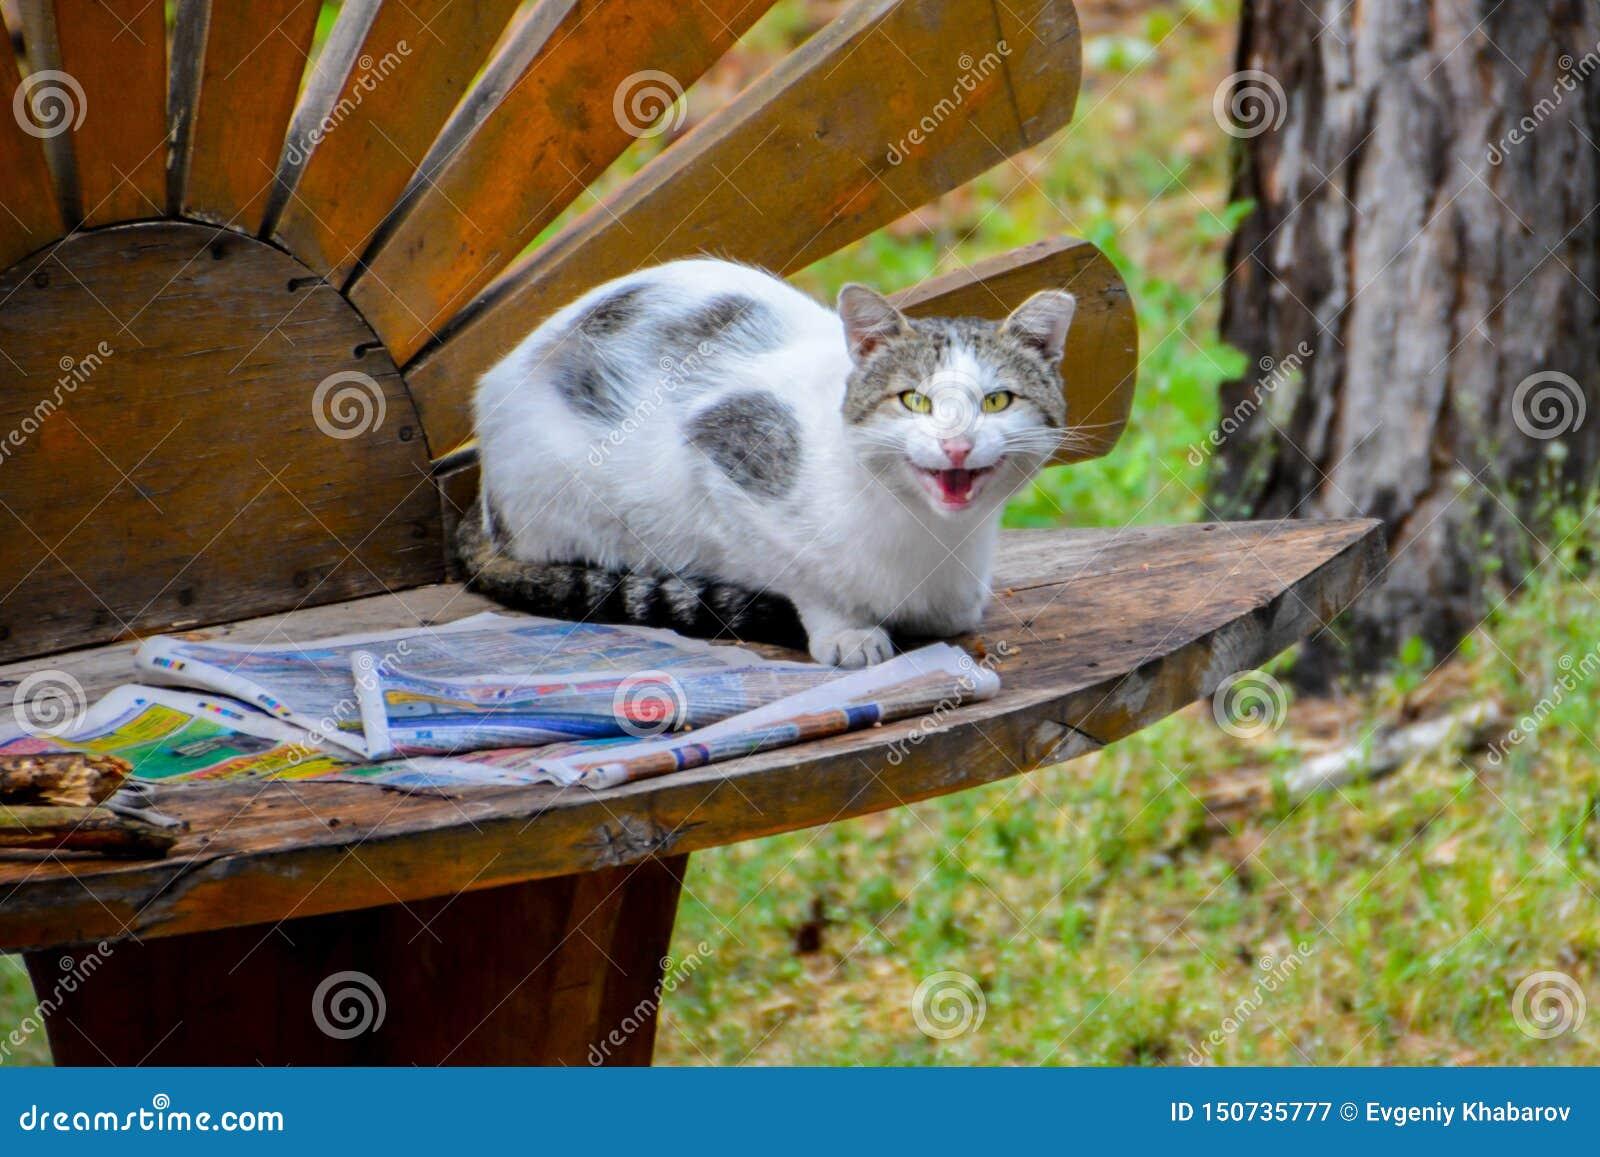 Gato manchado que lê um jornal no banco